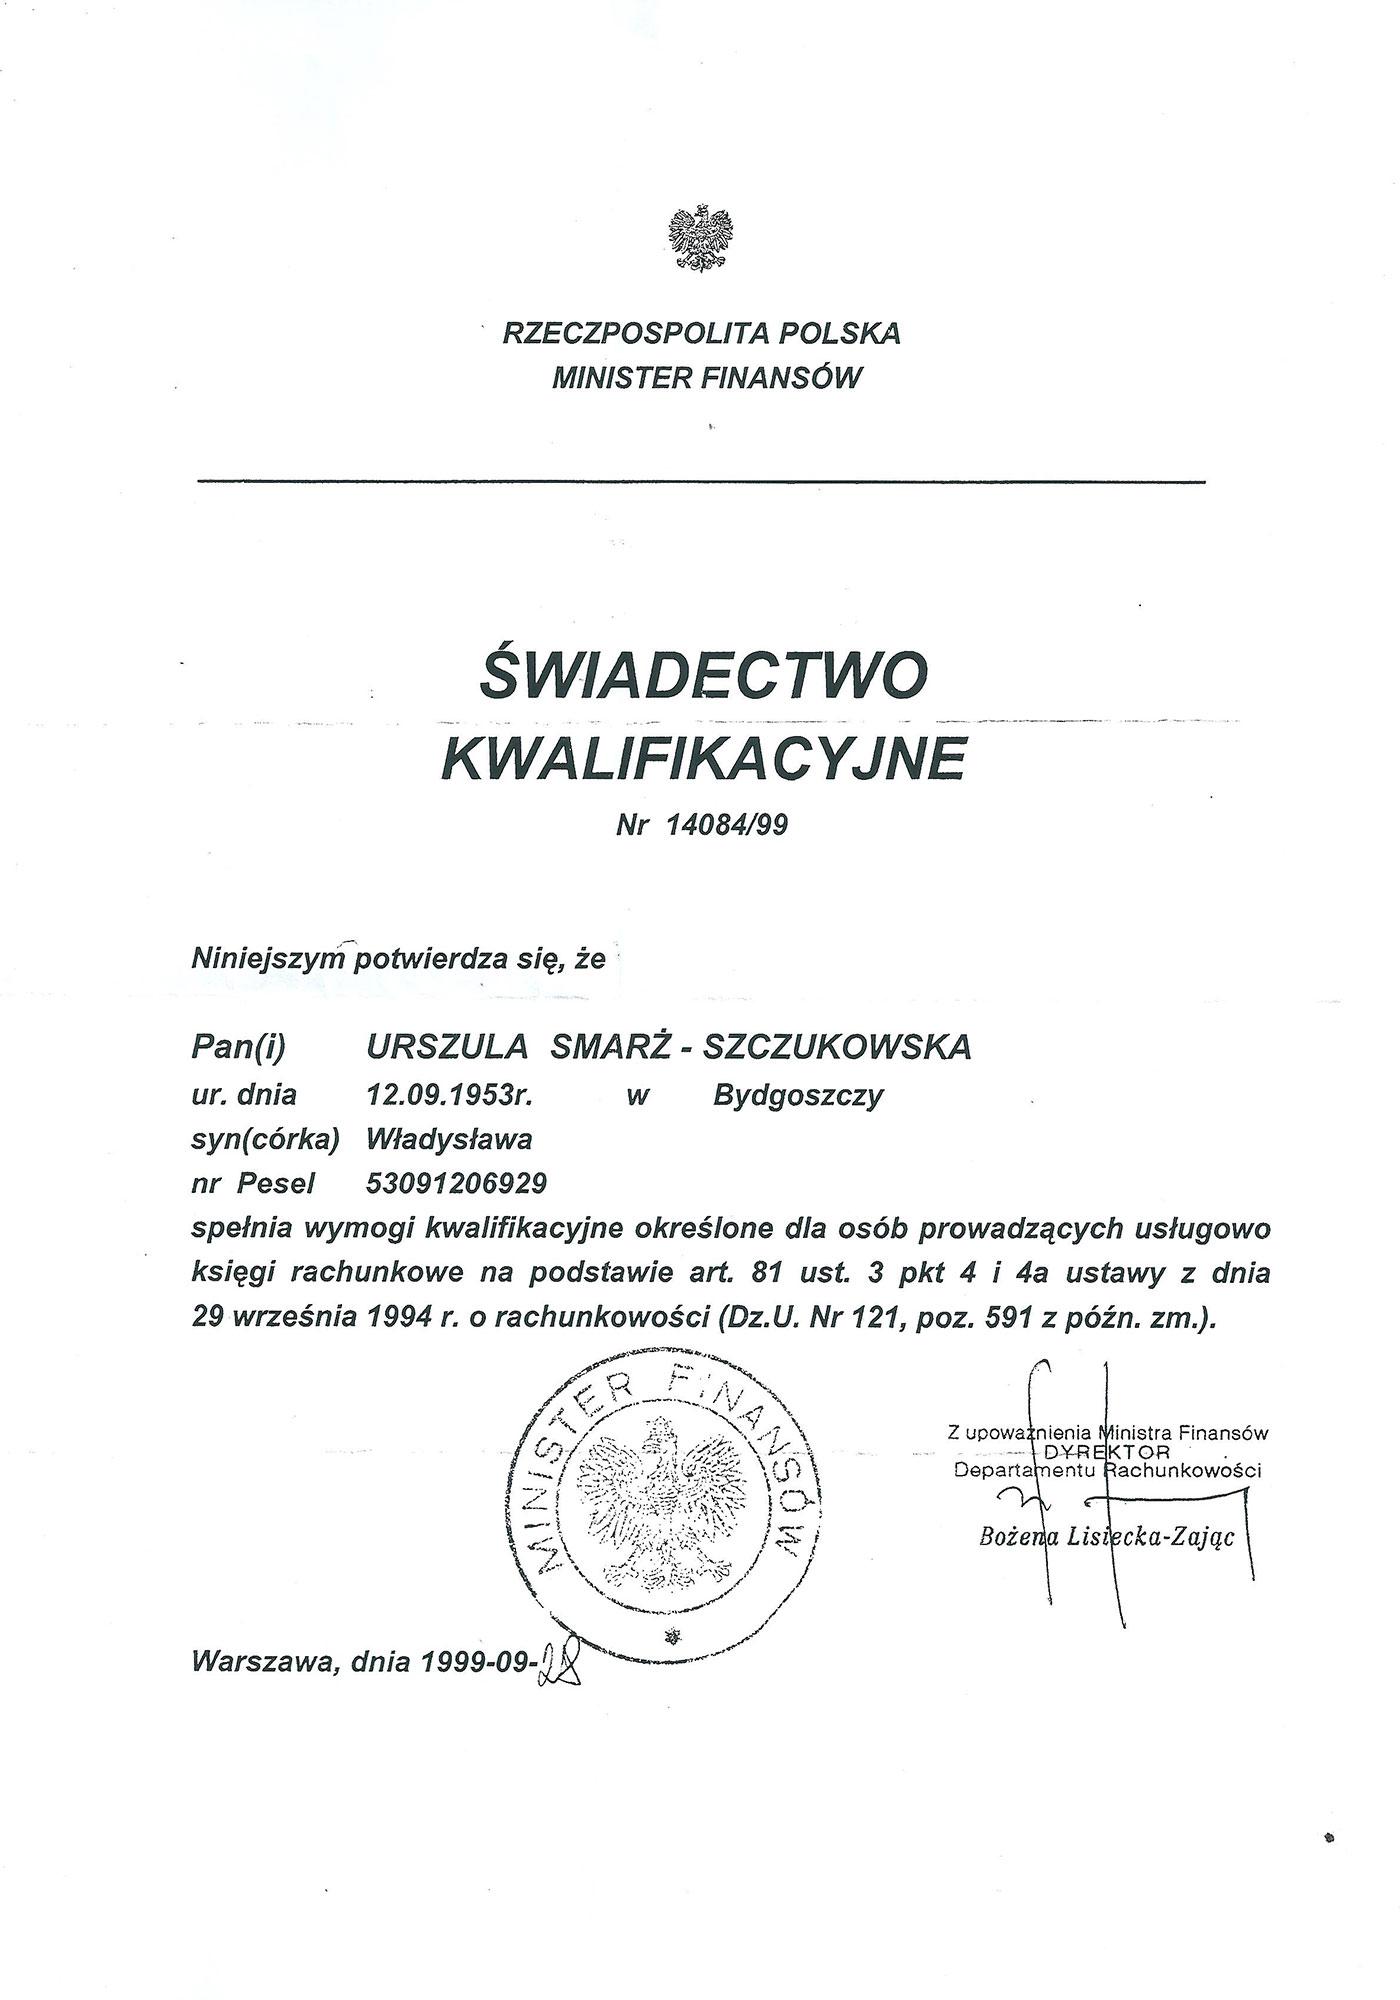 Księgowa, Urszula Smarż-Szczukowska - świadectwo kwalifikacyjne do prowadzenie księgowościi